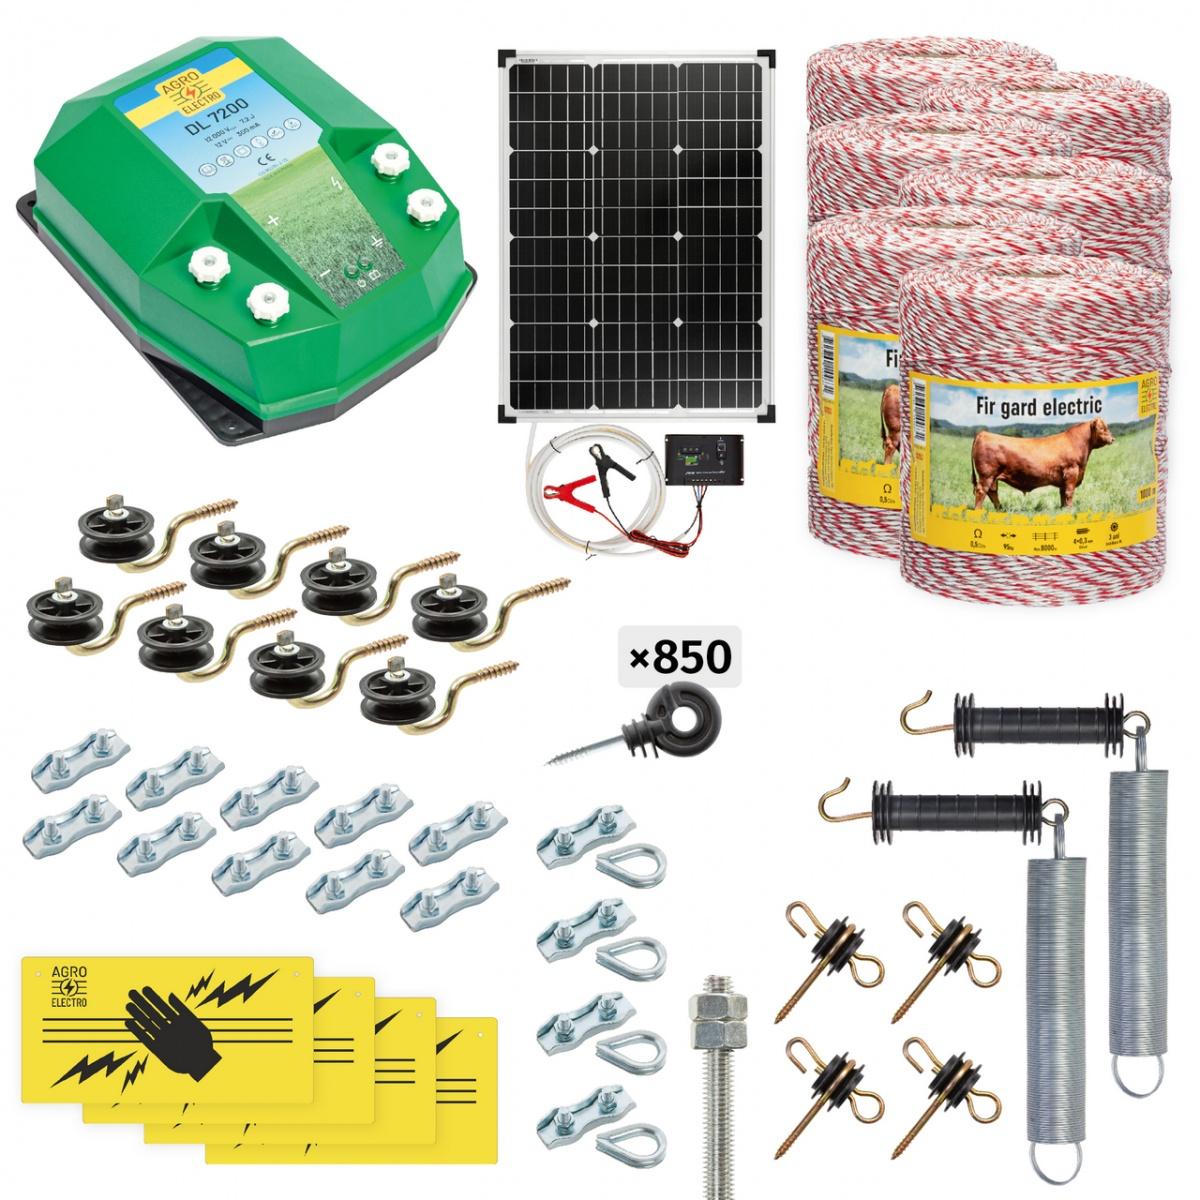 Pachet gard electric complet 6000m, 7,2Joule, cu sistem solar, pentru animale domestice